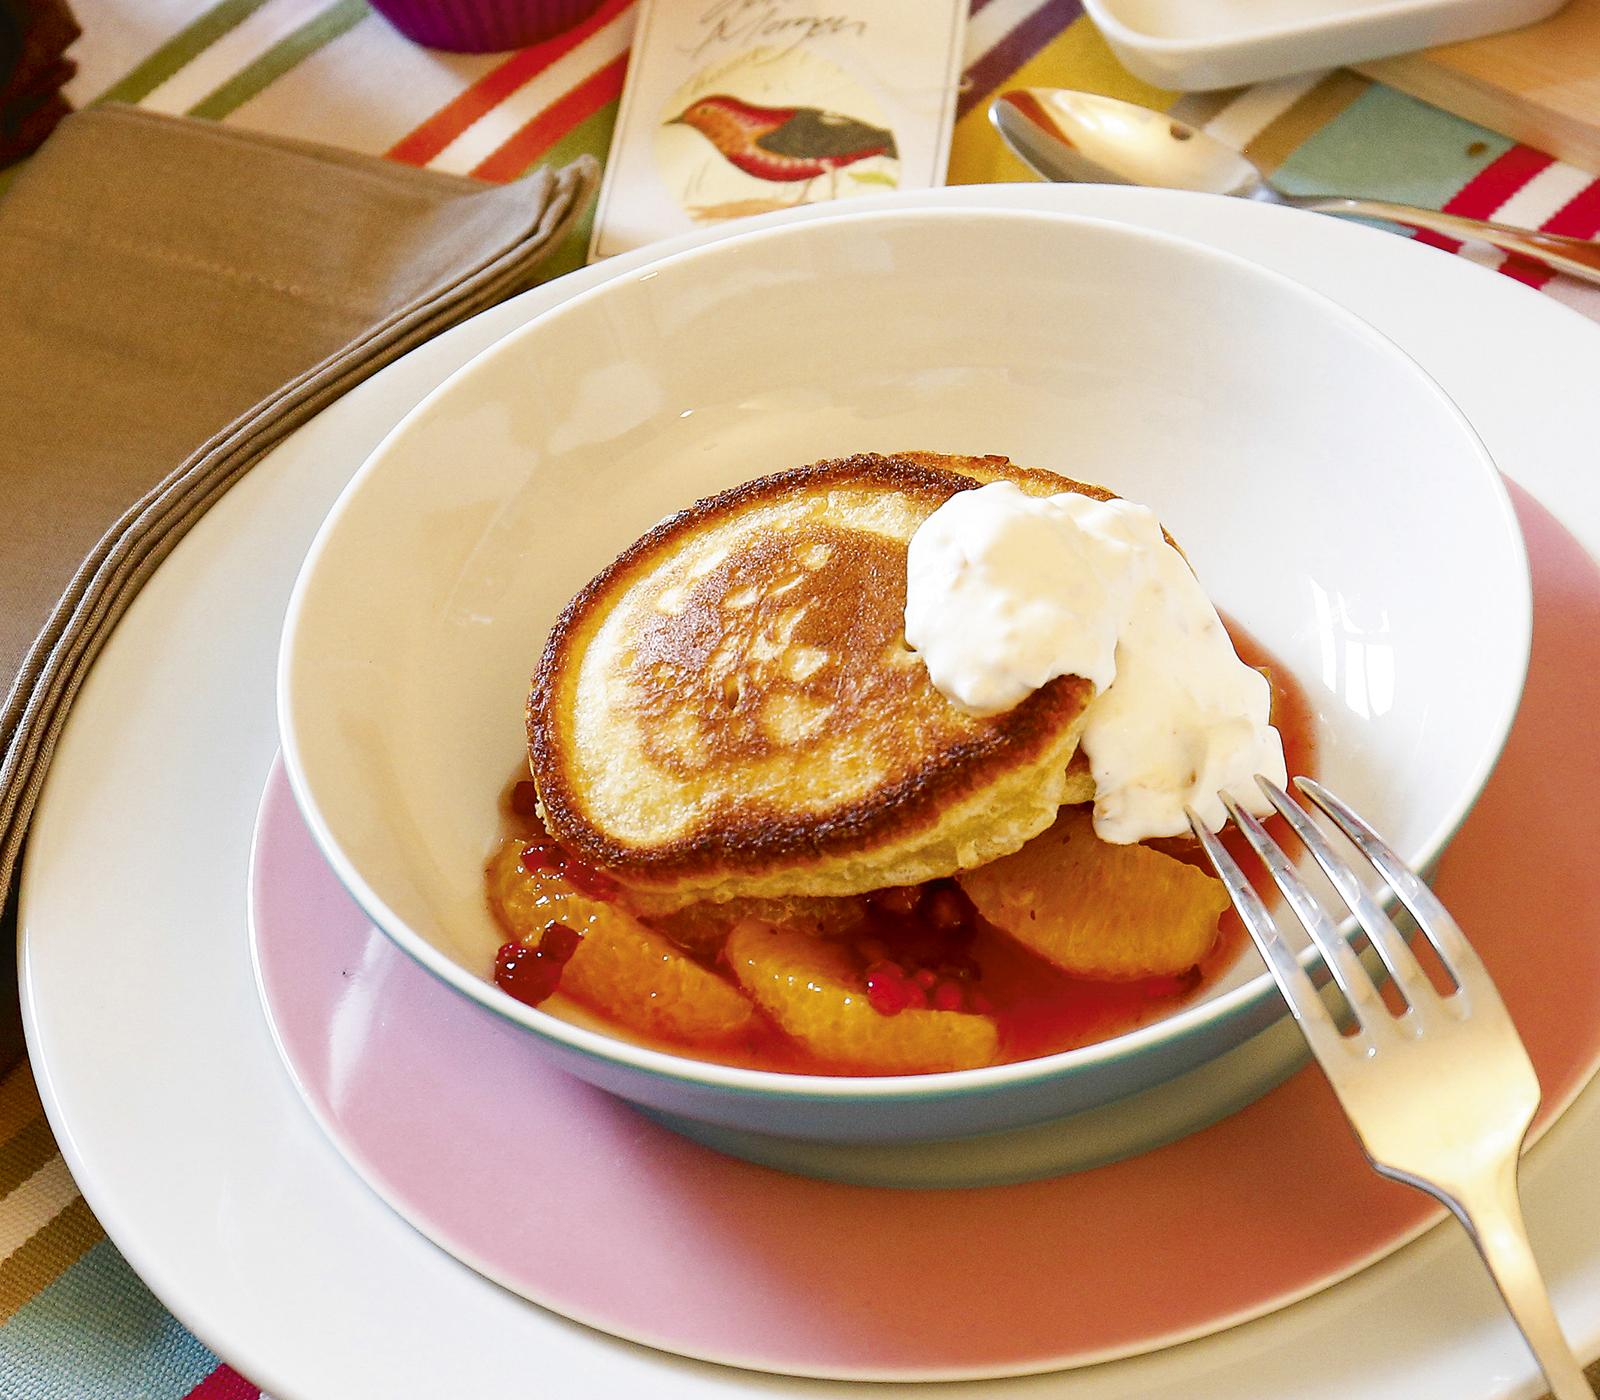 bananen pancakes mit orangen granatapfel sauce annemarie wildeisens kochen. Black Bedroom Furniture Sets. Home Design Ideas